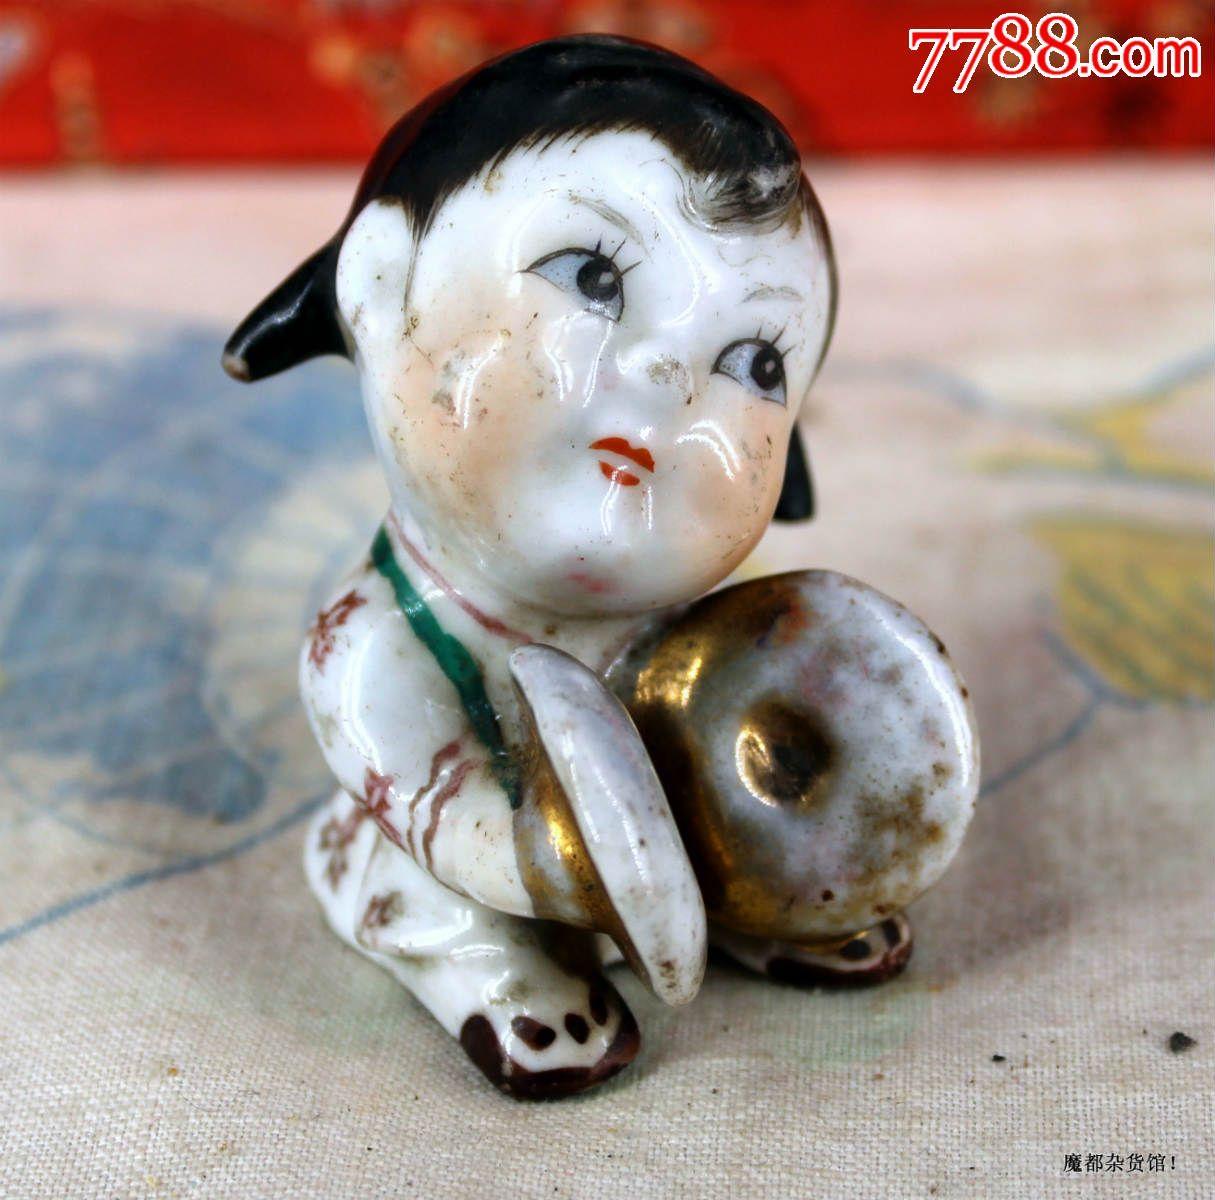 可爱的瓷娃娃一组5个!